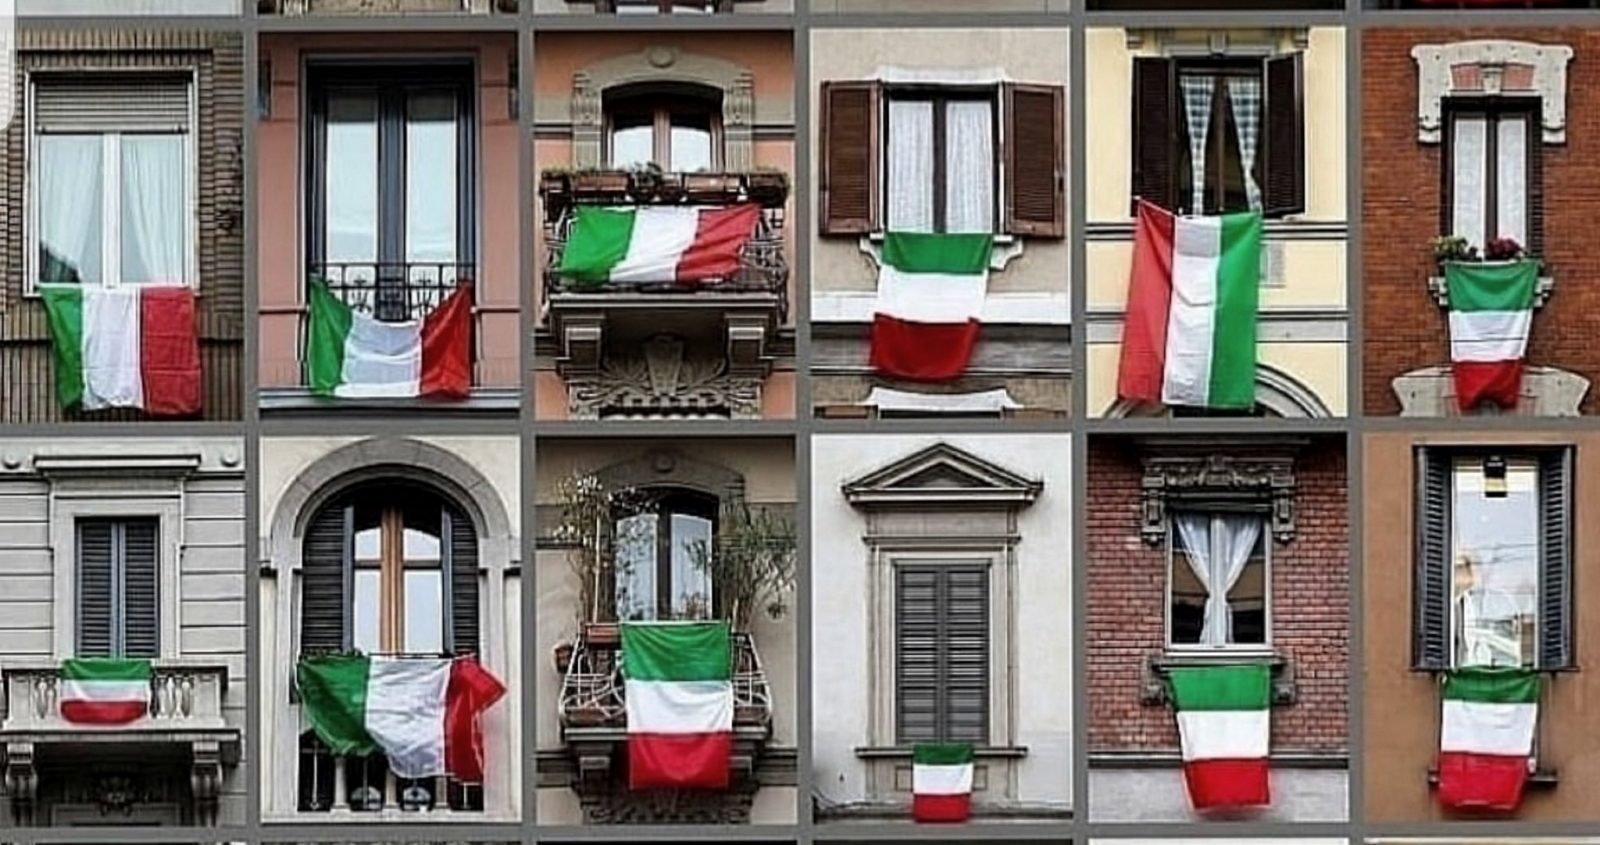 Italian solidarity